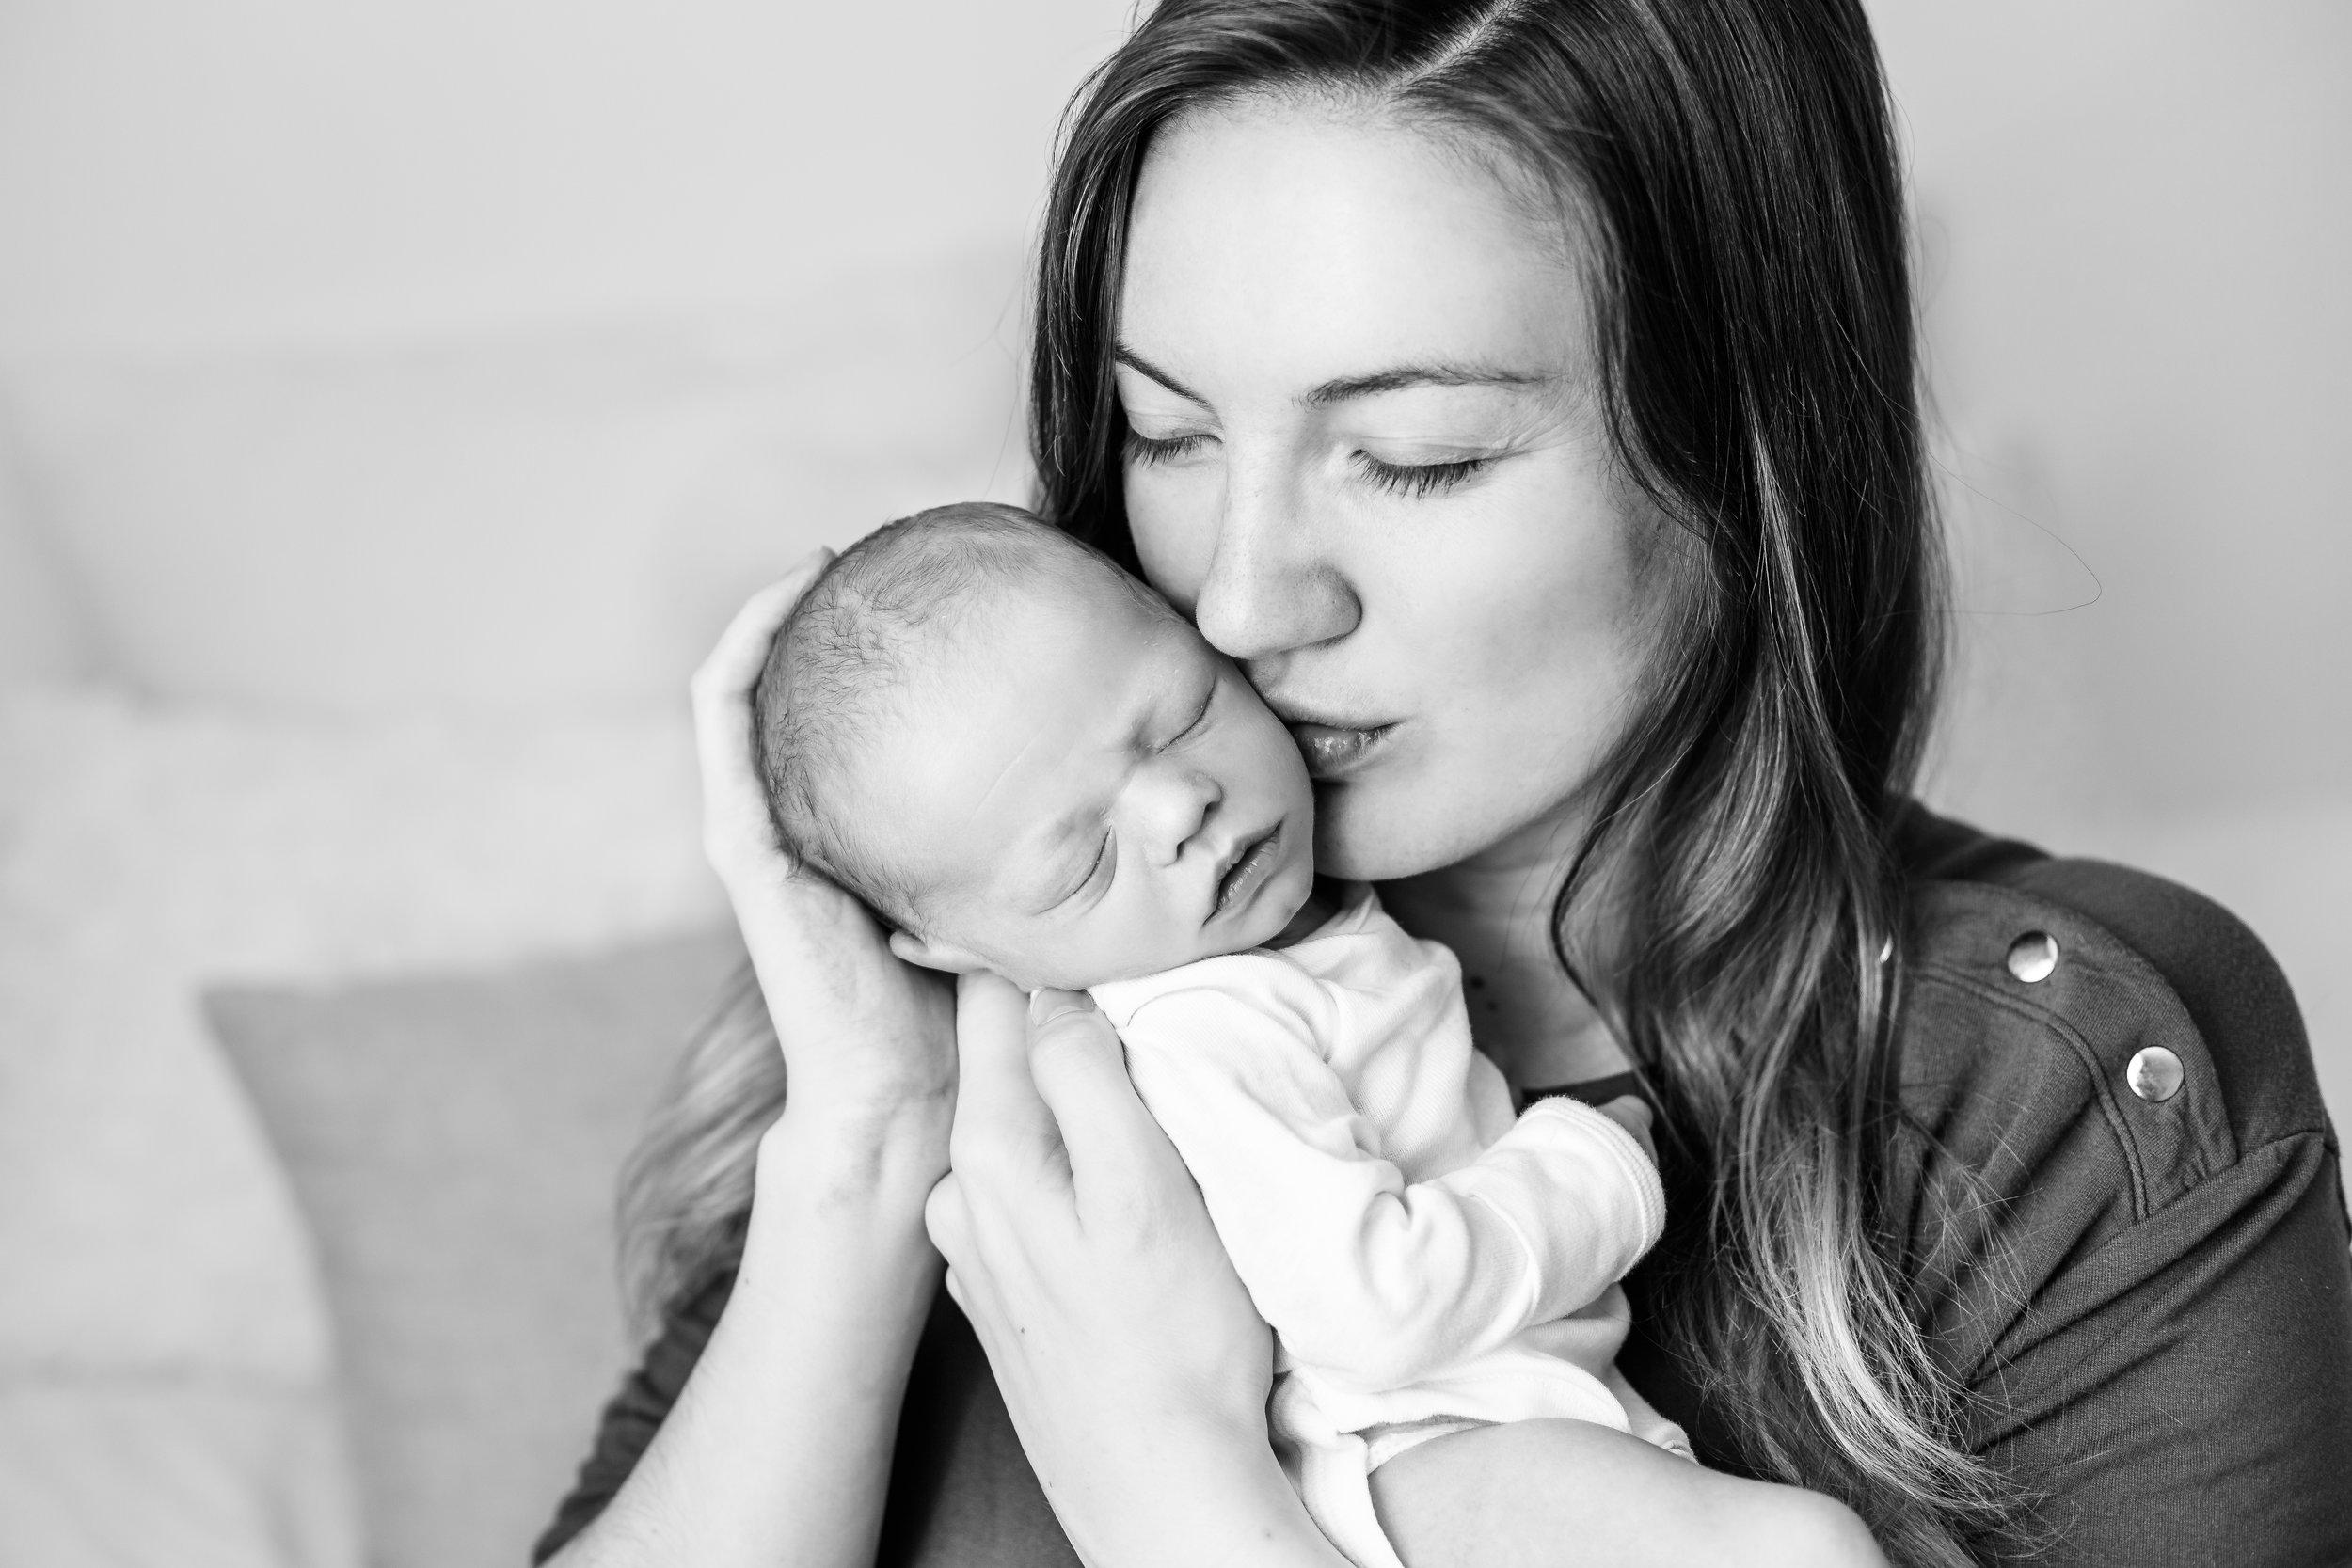 theodore-columbus-newborn-photographer-6.jpg